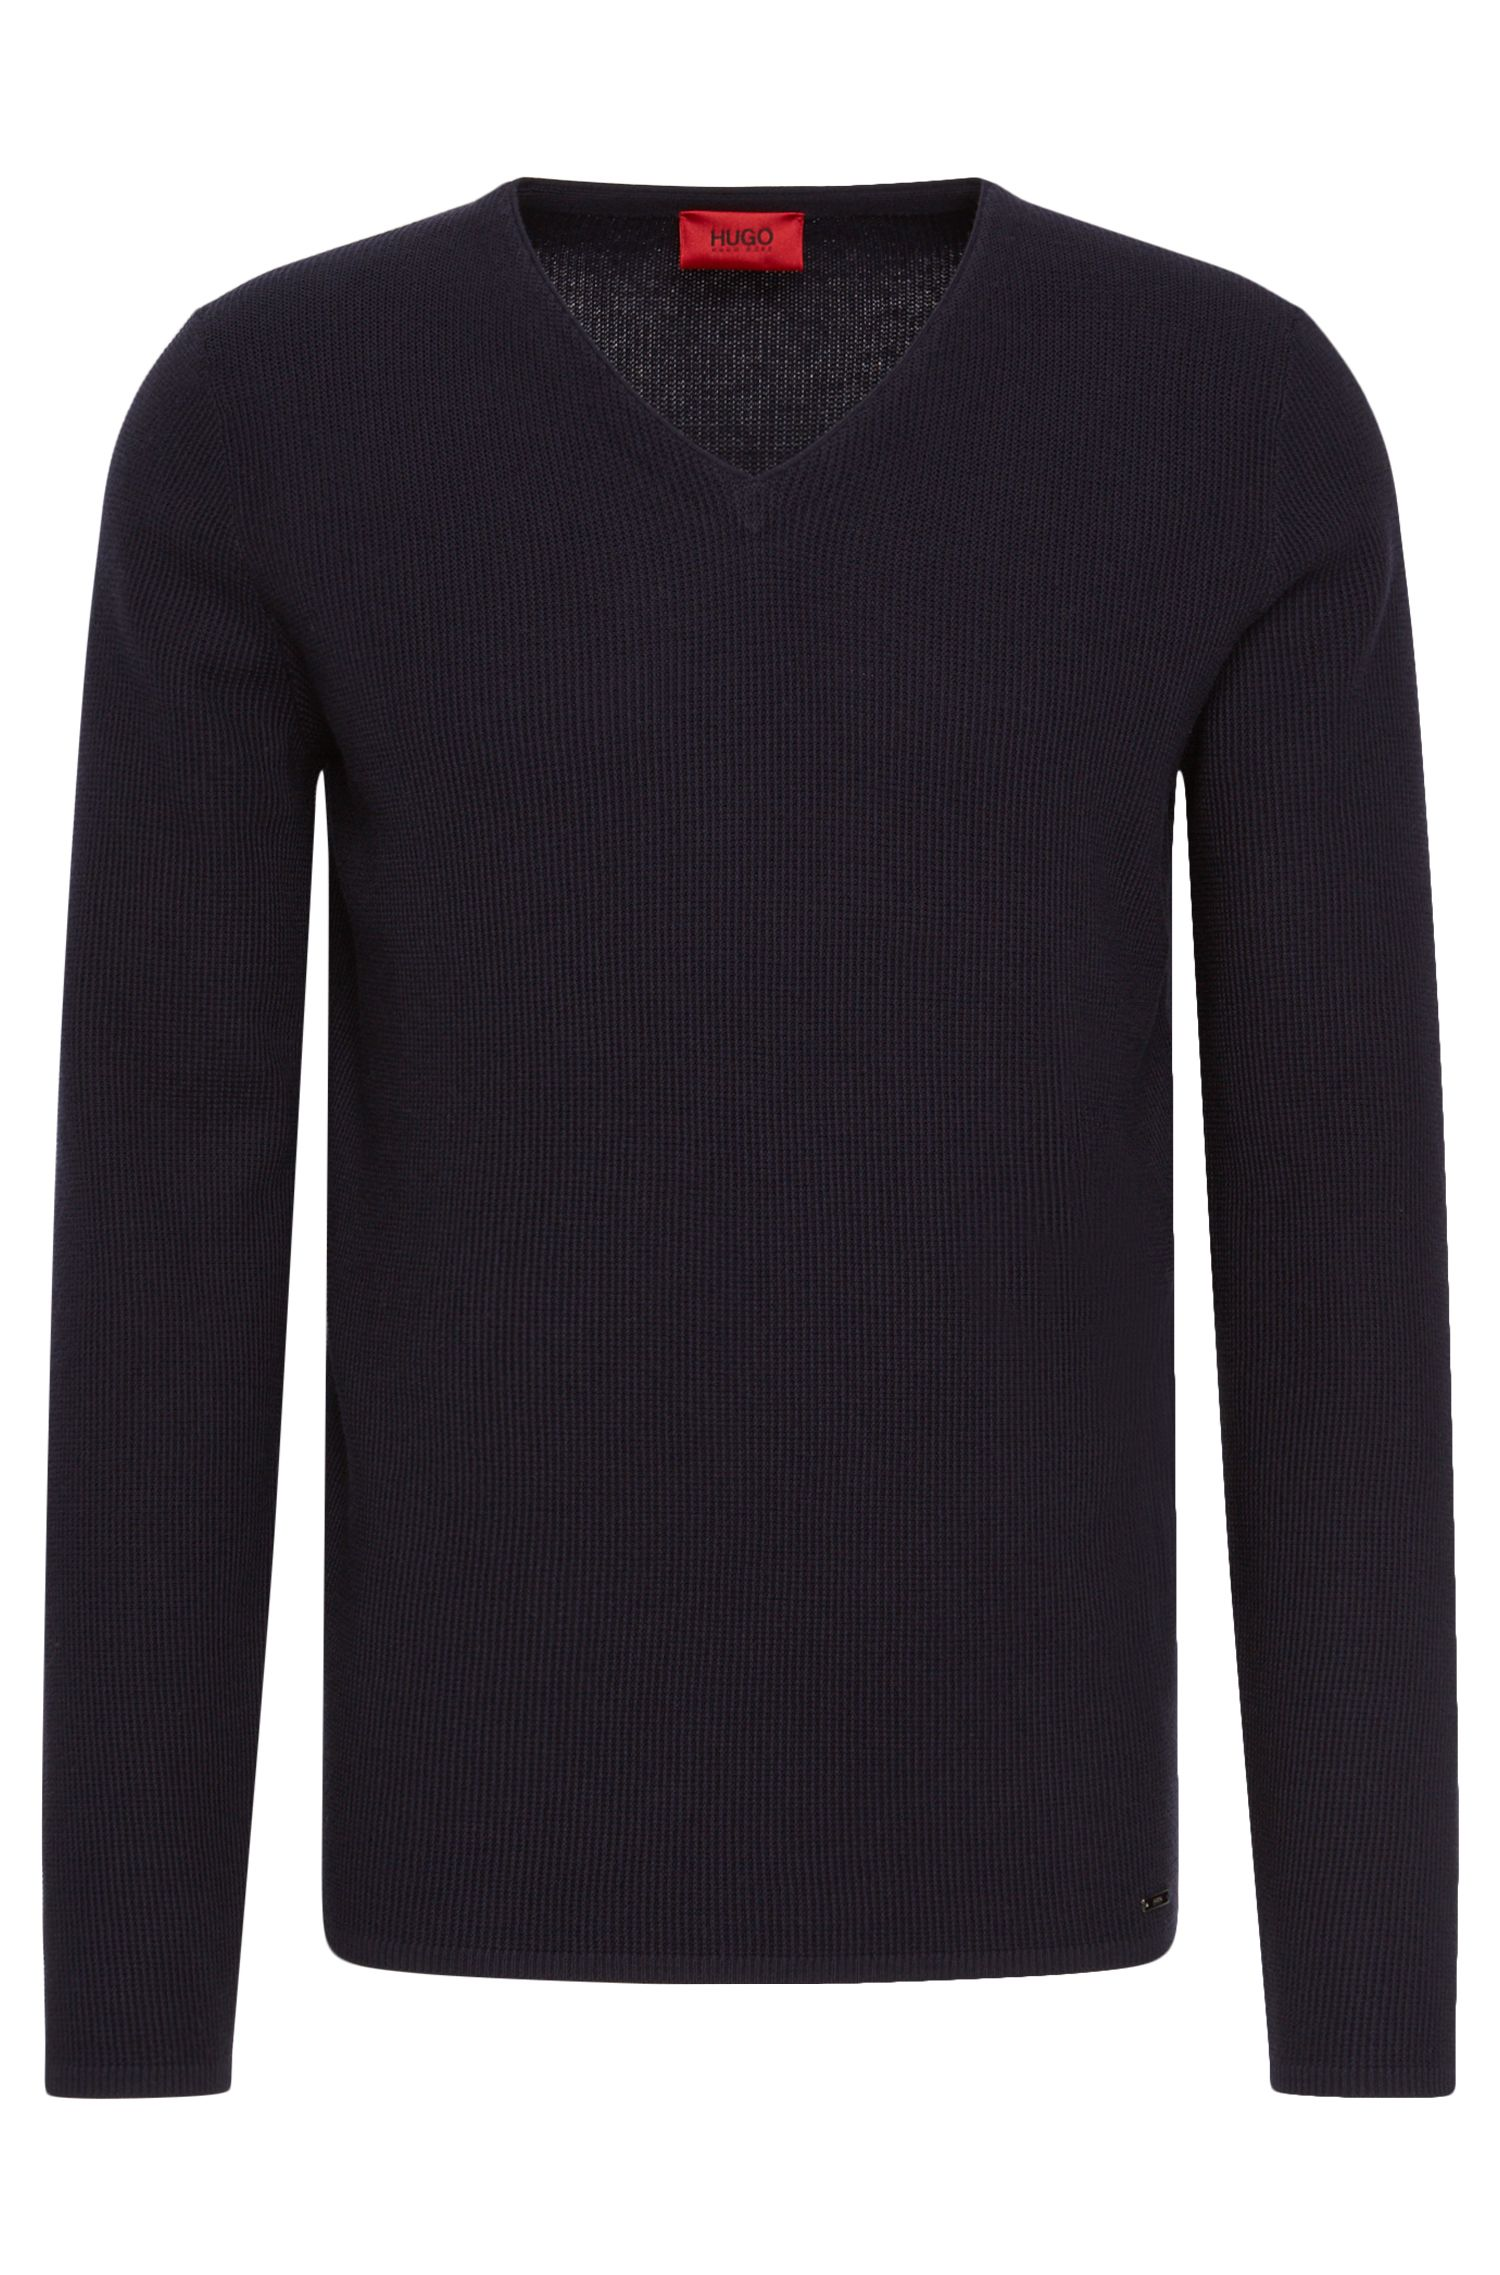 Unifarbener Loose-Fit Pullover aus Baumwolle und Schurwolle: 'Stue'